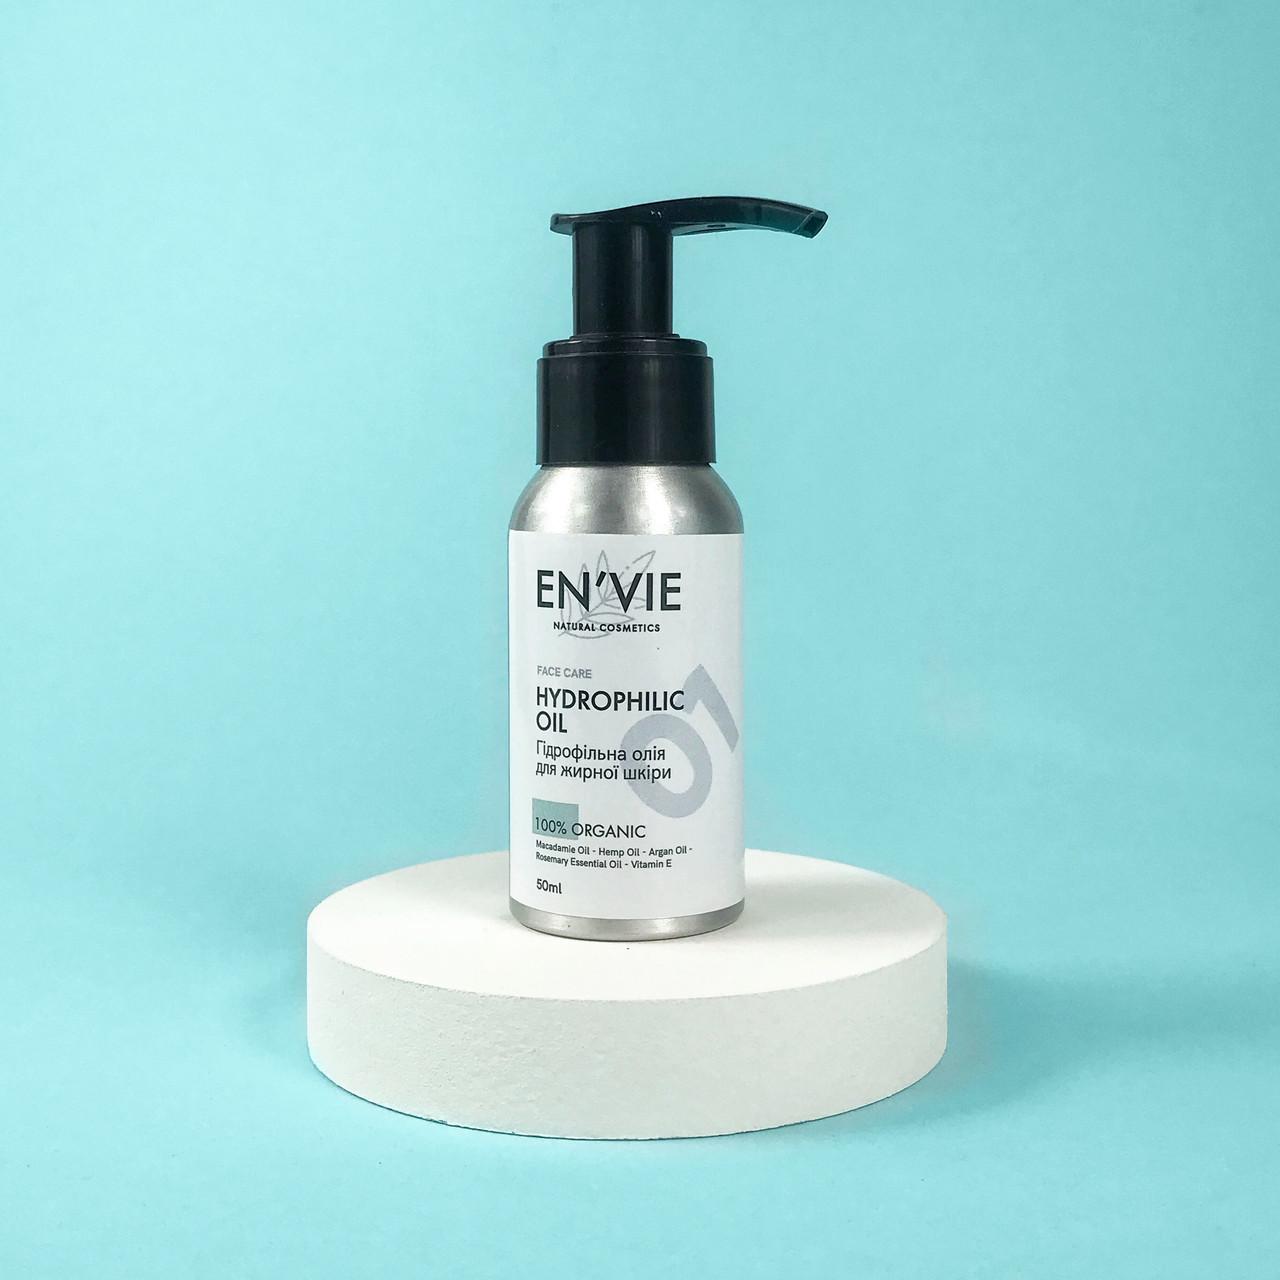 Гідрофільна олія для жирного типу шкіри (умивання обличчя, видалення макіяжу) EN'VIE 50 мл